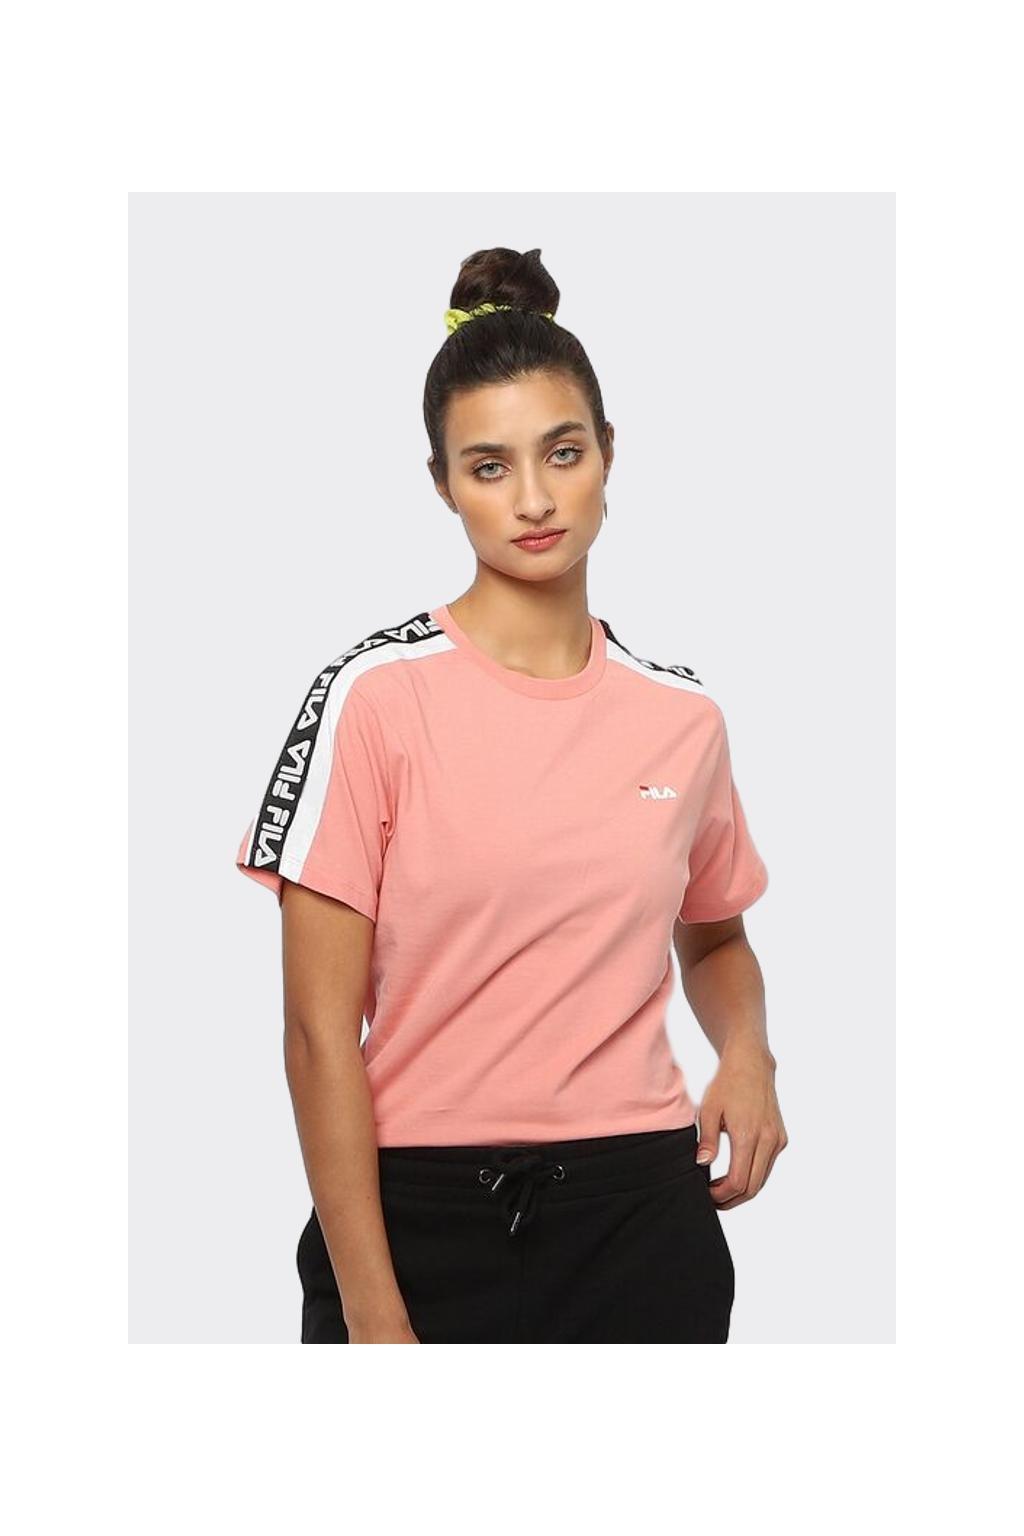 FILA tričko dámské s logo lemem - růžová